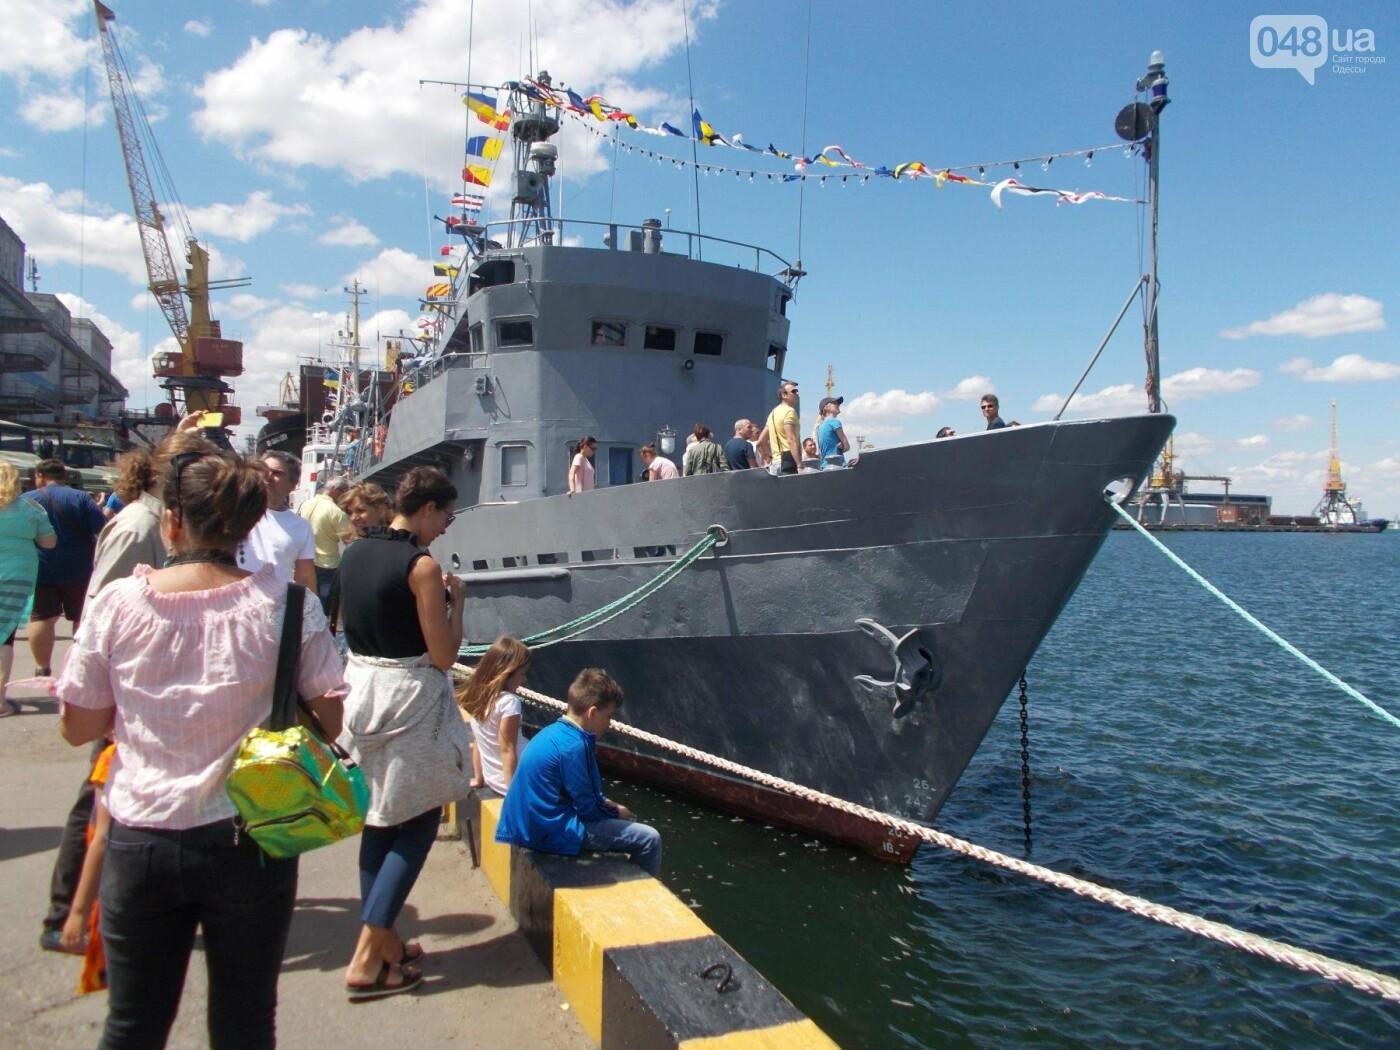 День Военно-морских сил Украины отпраздновали на Одесском морвокзале, - ФОТО , фото-13